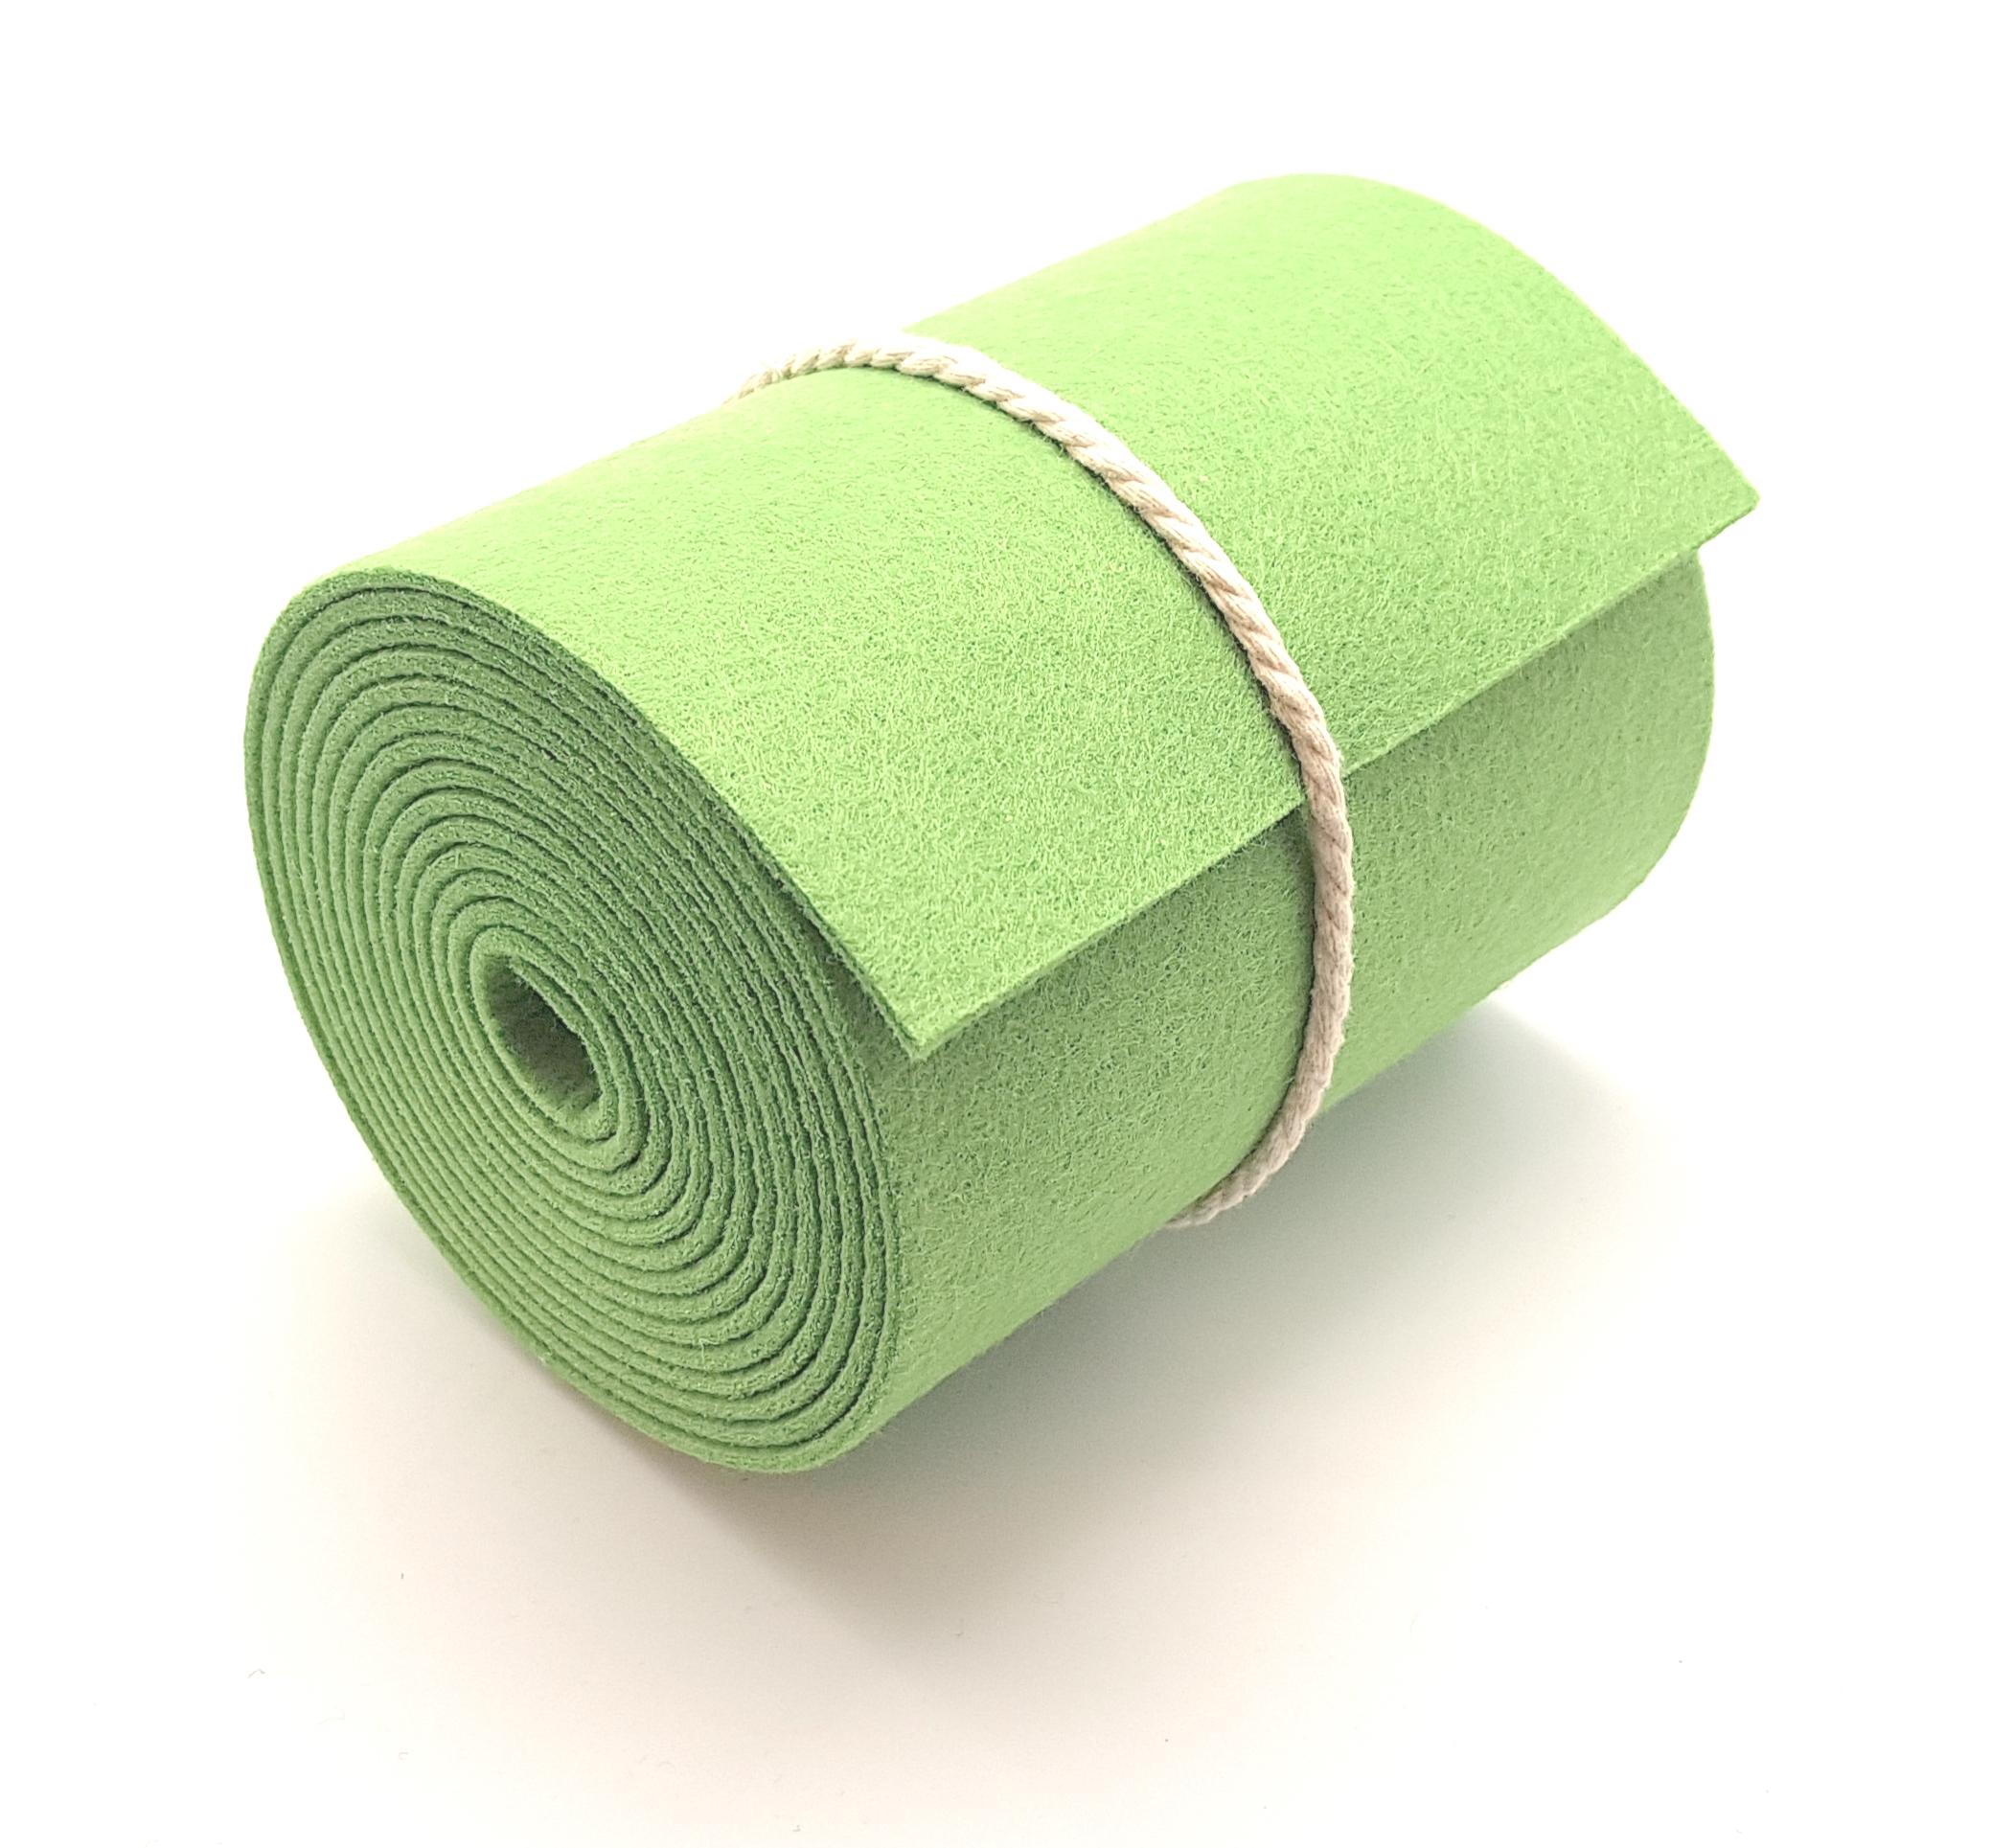 15-cm-rolle-grasgrün - Handgemachte individualisierbare Taschen, Körbe, Tischsets, Dekoartikel und mehr auf fideko.de der Onlineshop seit 2011